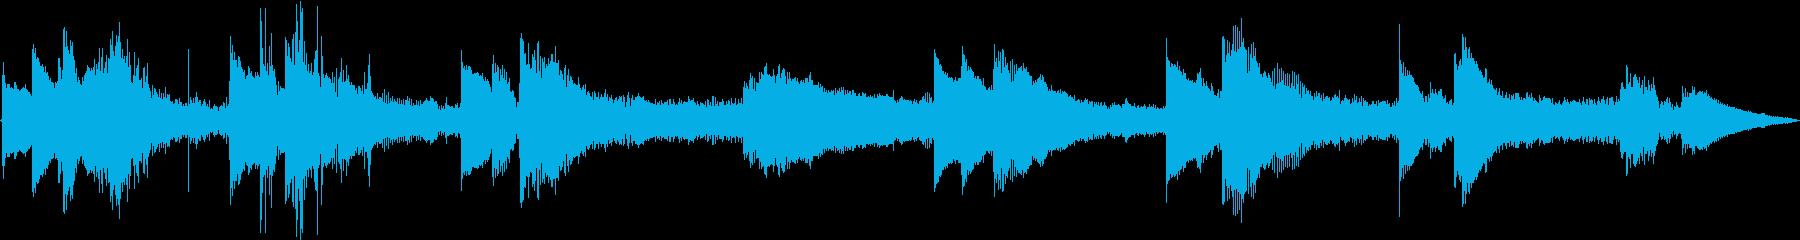 ラジオ制作シーン:マウンテントレイ...の再生済みの波形